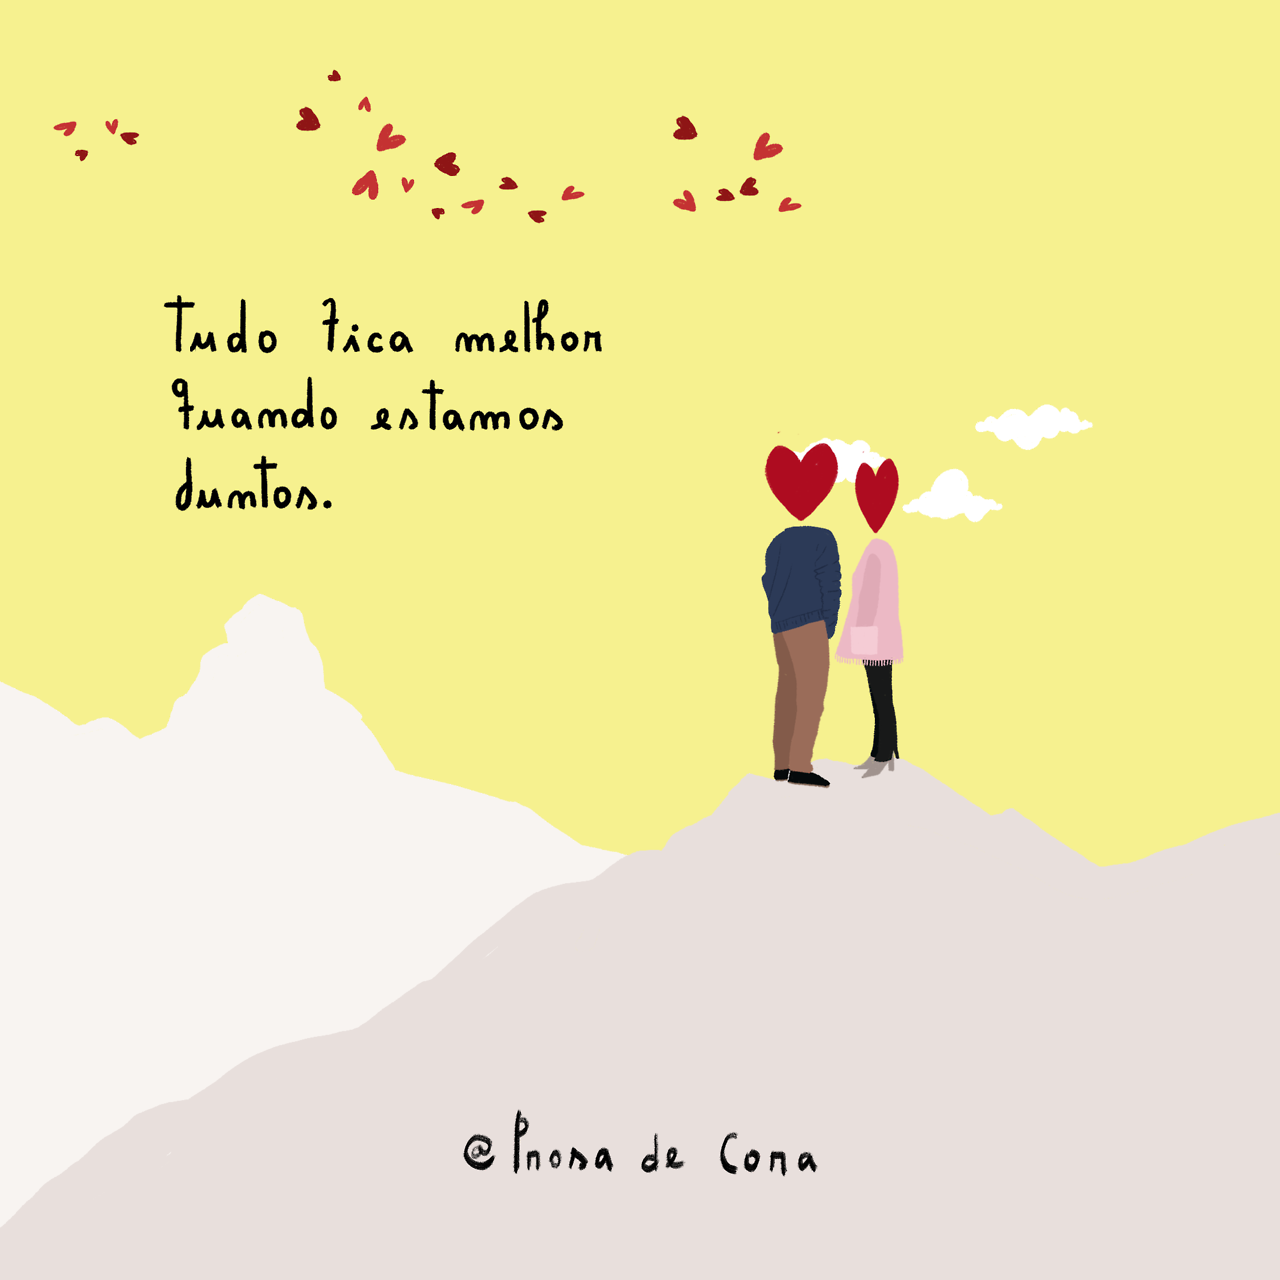 Prosa De Cora Frases Pra Namorado Tumblr Frases Pra